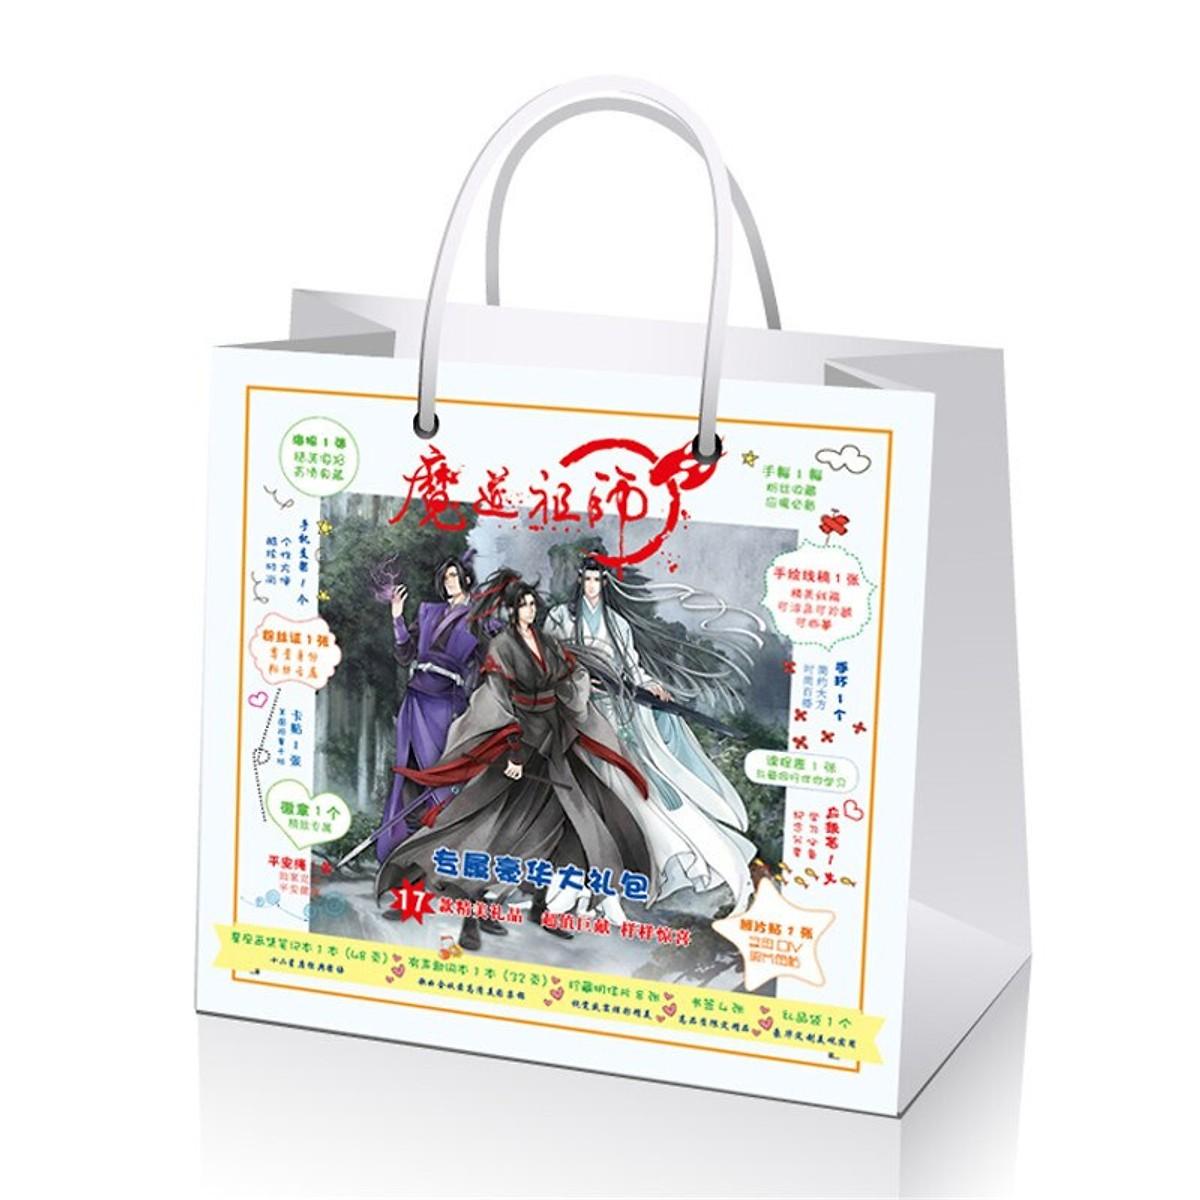 Túi quà Ma Đạo Tổ Sư Anime Mo Dao Zu Shi JAPAN - 15509228 , 1524882914617 , 62_25247373 , 159000 , Tui-qua-Ma-Dao-To-Su-Anime-Mo-Dao-Zu-Shi-JAPAN-62_25247373 , tiki.vn , Túi quà Ma Đạo Tổ Sư Anime Mo Dao Zu Shi JAPAN